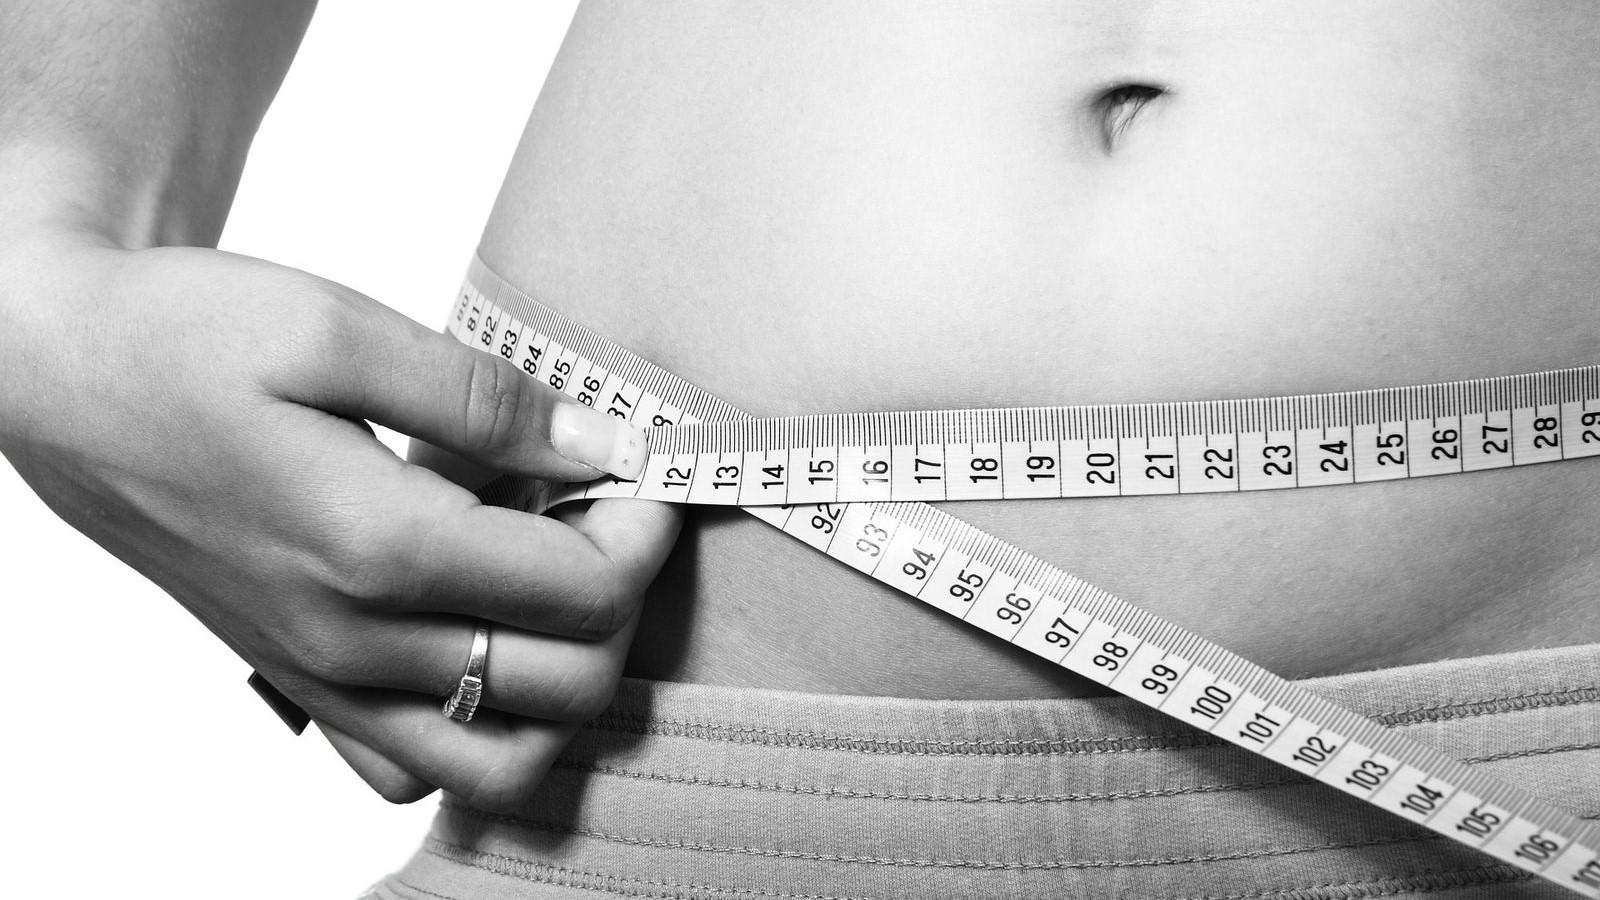 cum să slăbești în mod mai leneș supliment pentru pierderea în greutate a viperei